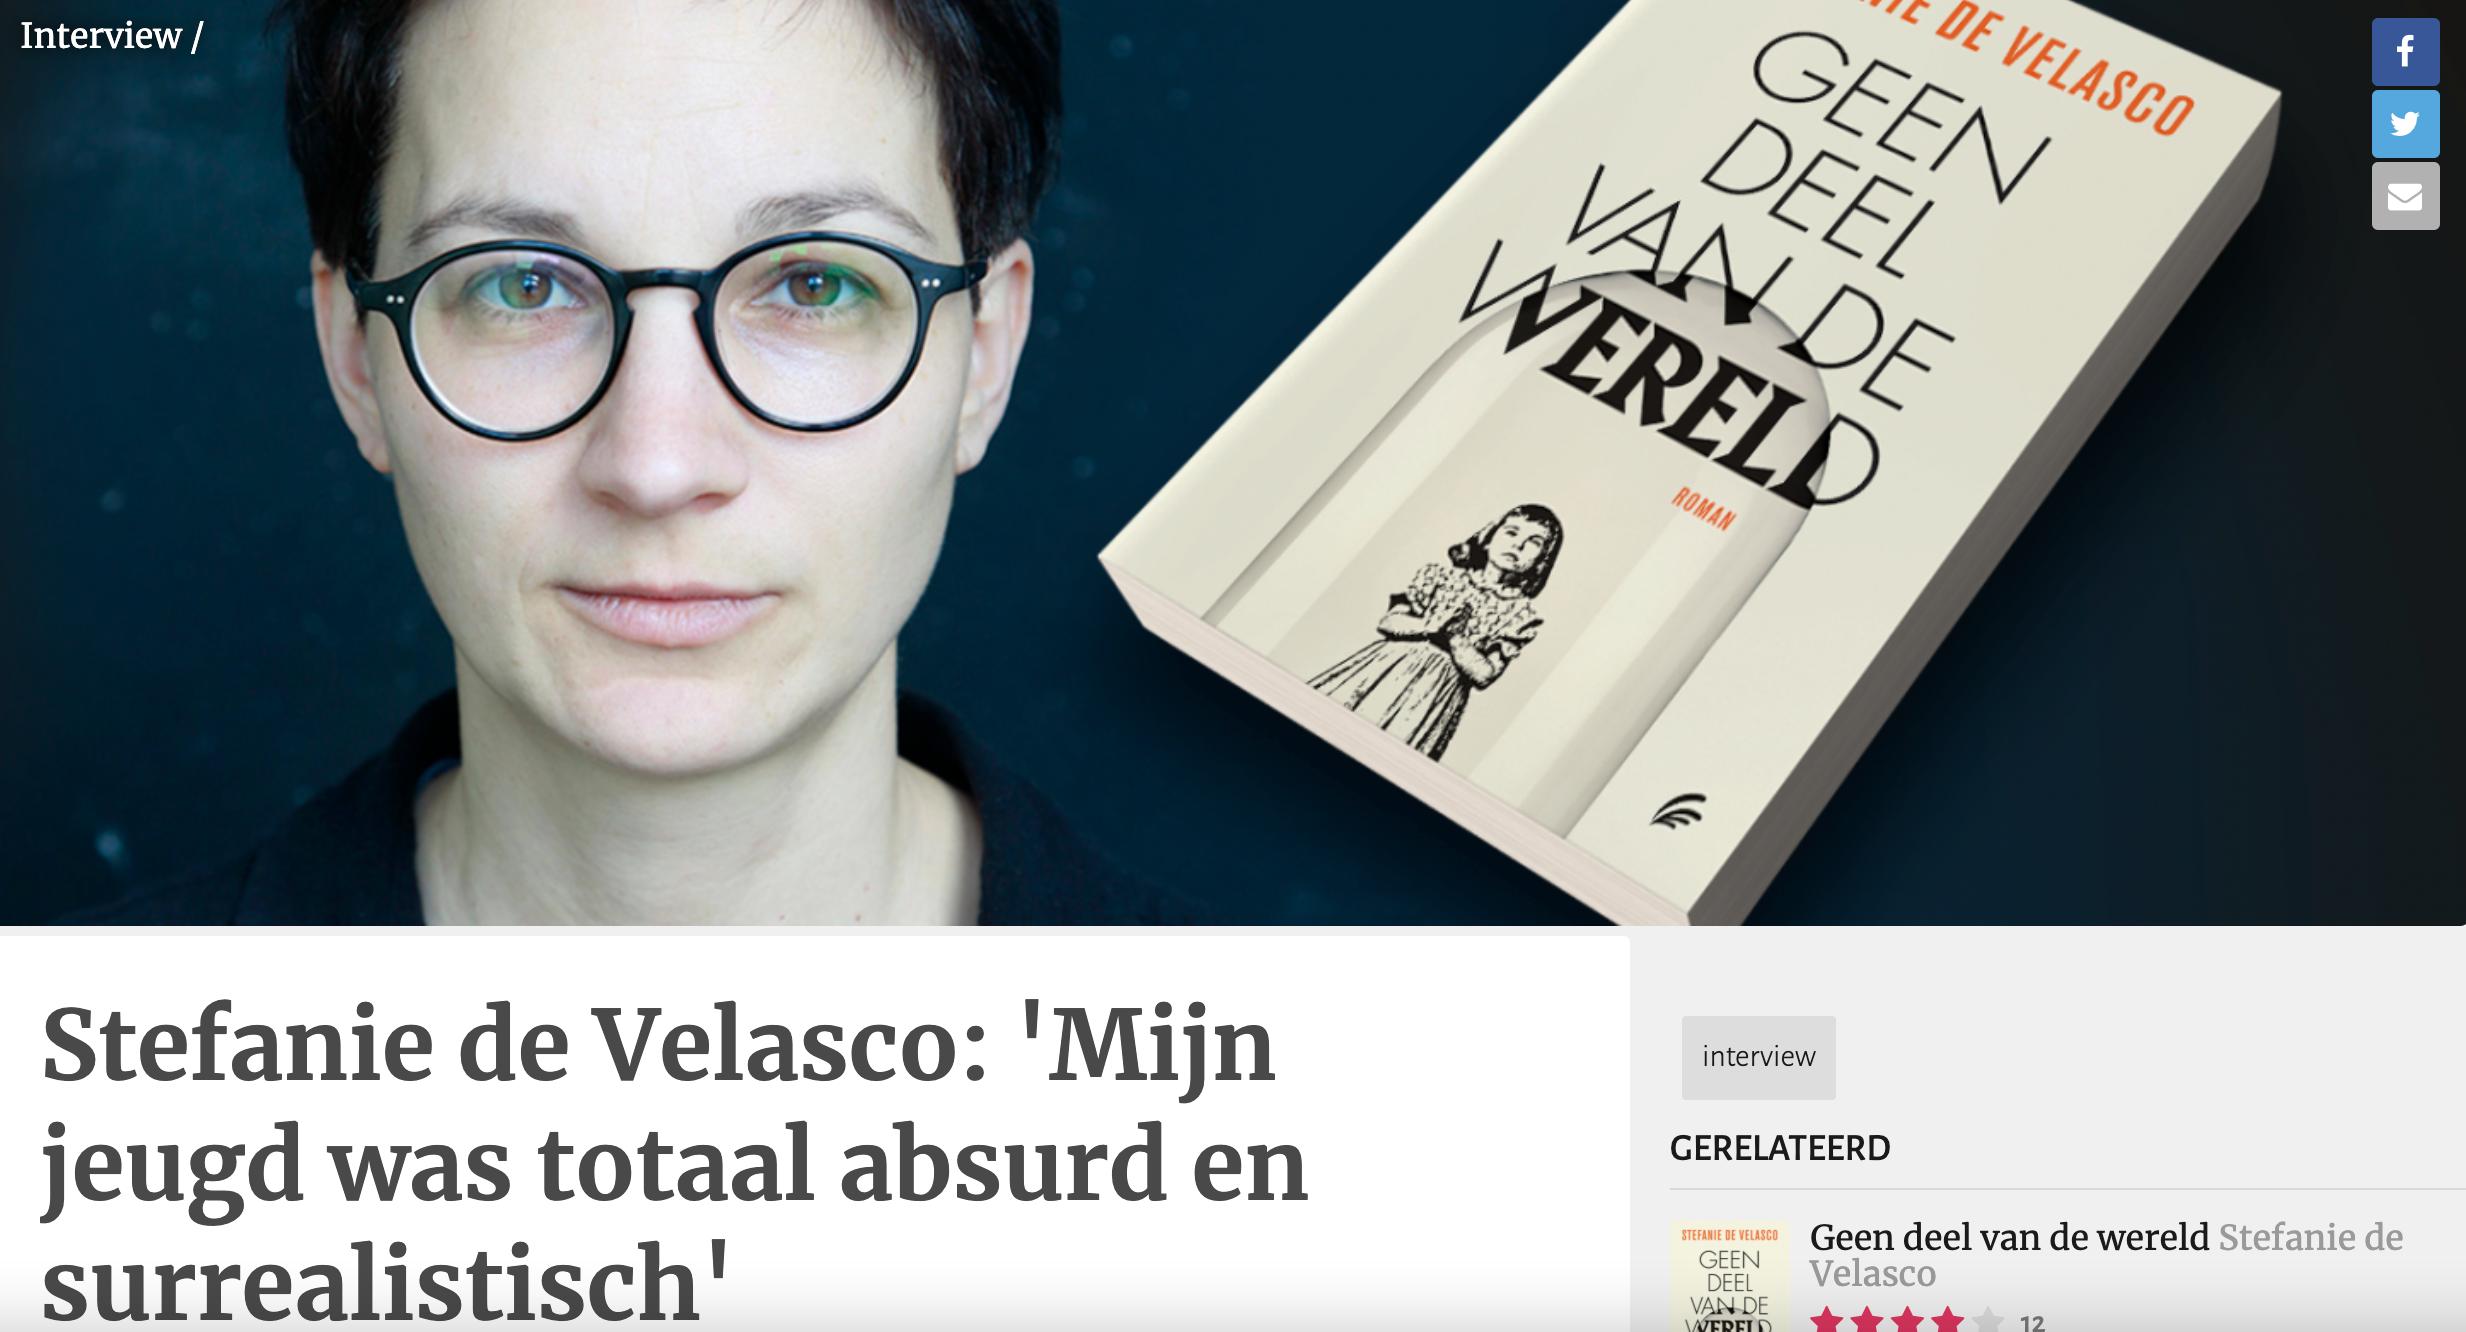 Stefanie de Velasco: 'Mijn jeugd was totaal absurd en surrealistisch'